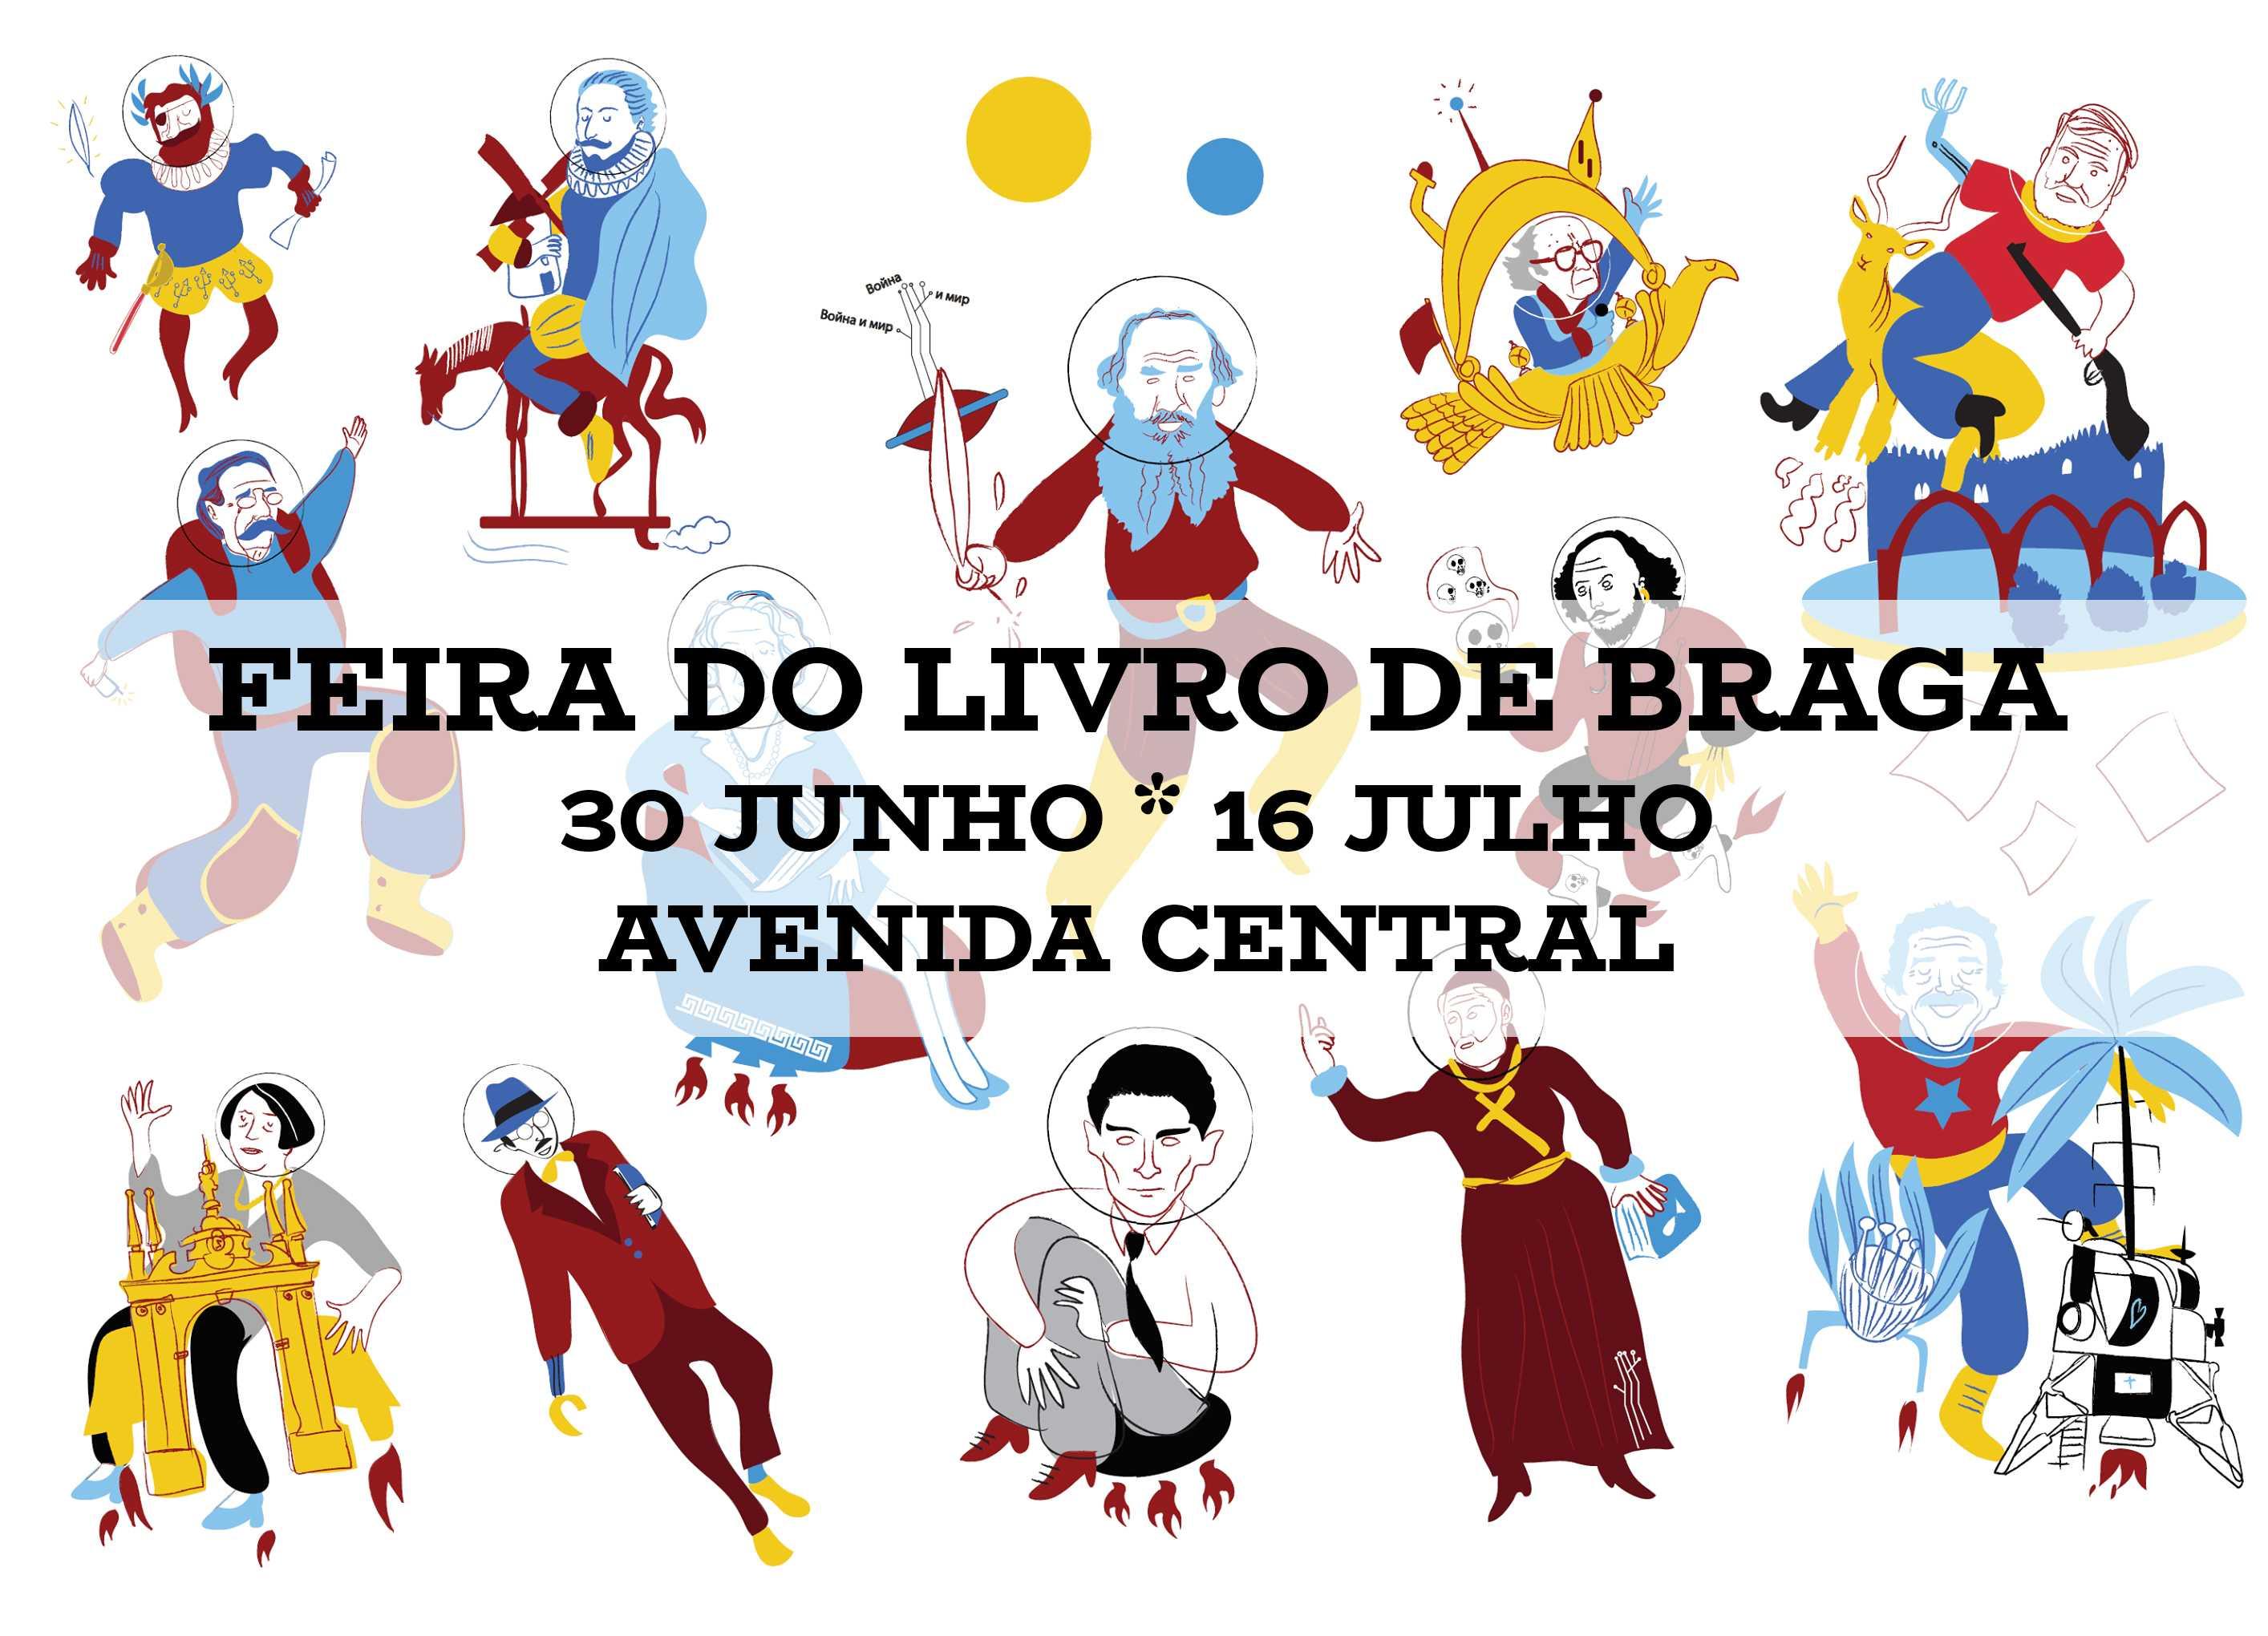 feira-do-livro-de-braga-2017